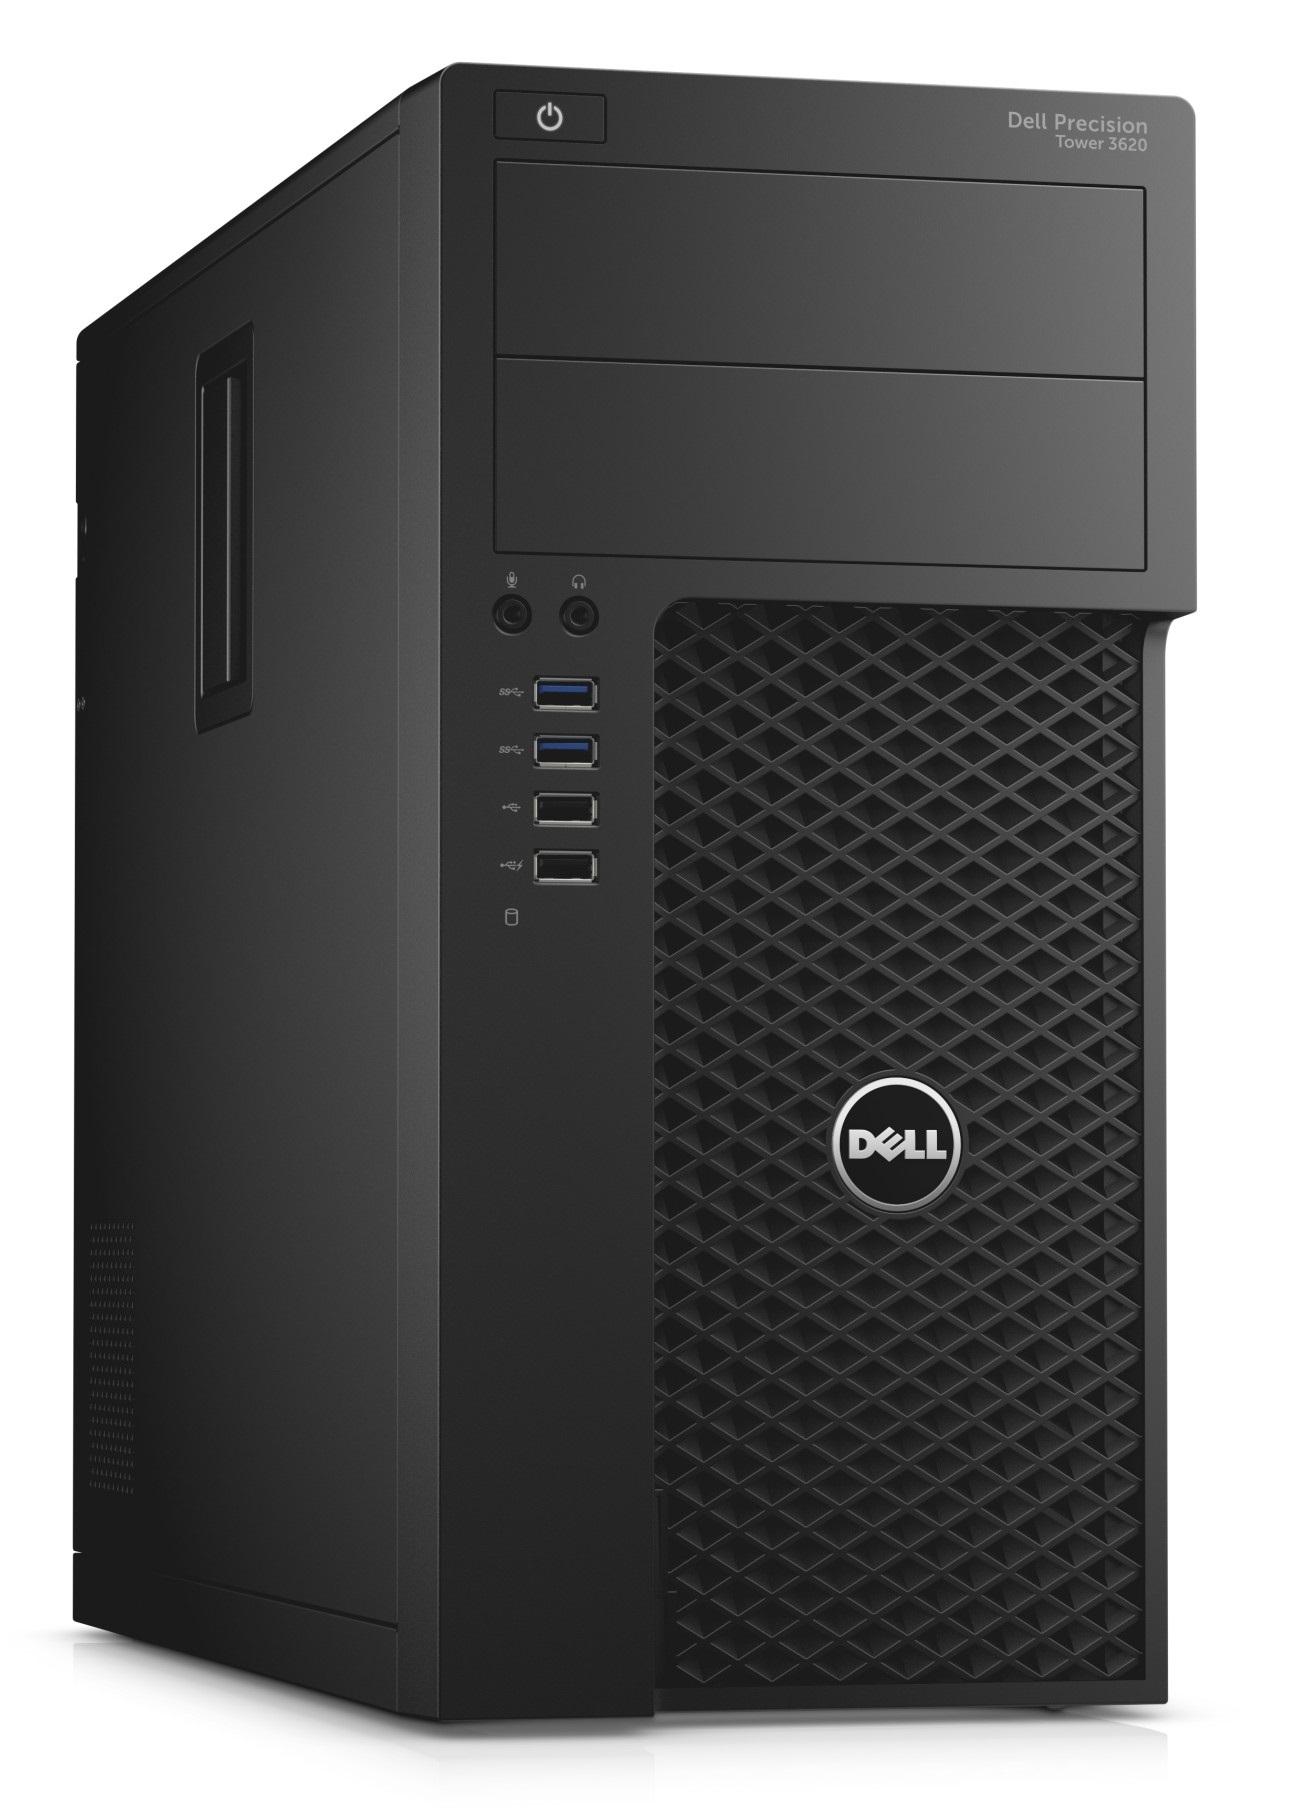 Dell Precision T3620 MT E3-1240/8G/1TB/K420-2G/HDMI/DP/DVD-RW/W7P+W10P/3RNBD